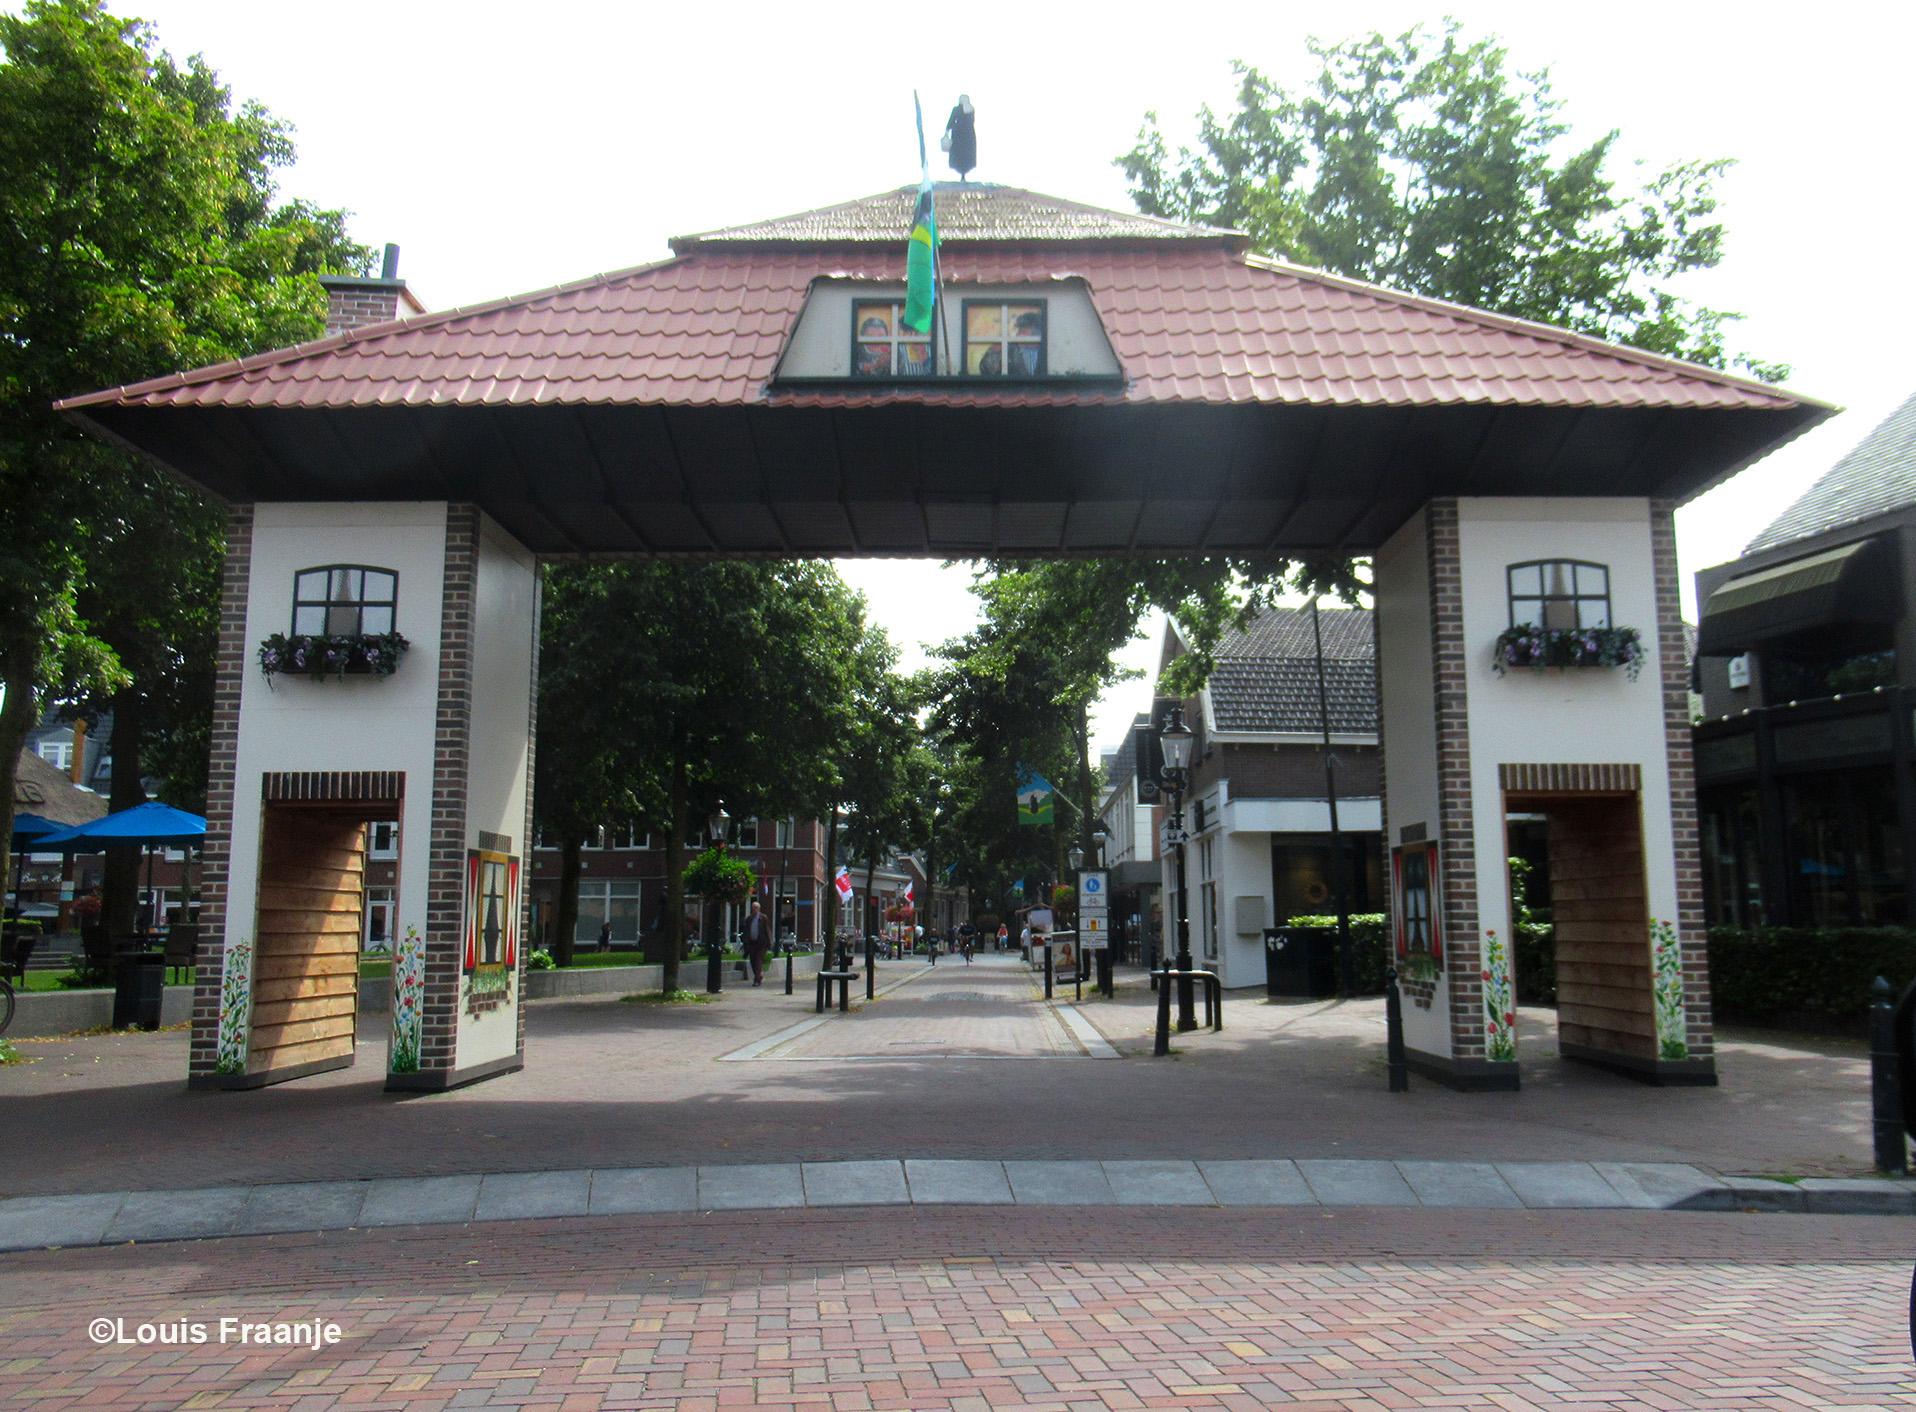 """De prachtige toegangspoort naar het centrum staat er weer voor de """"Oud Lunterse Dag""""- Foto: ©Louis Fraanje"""